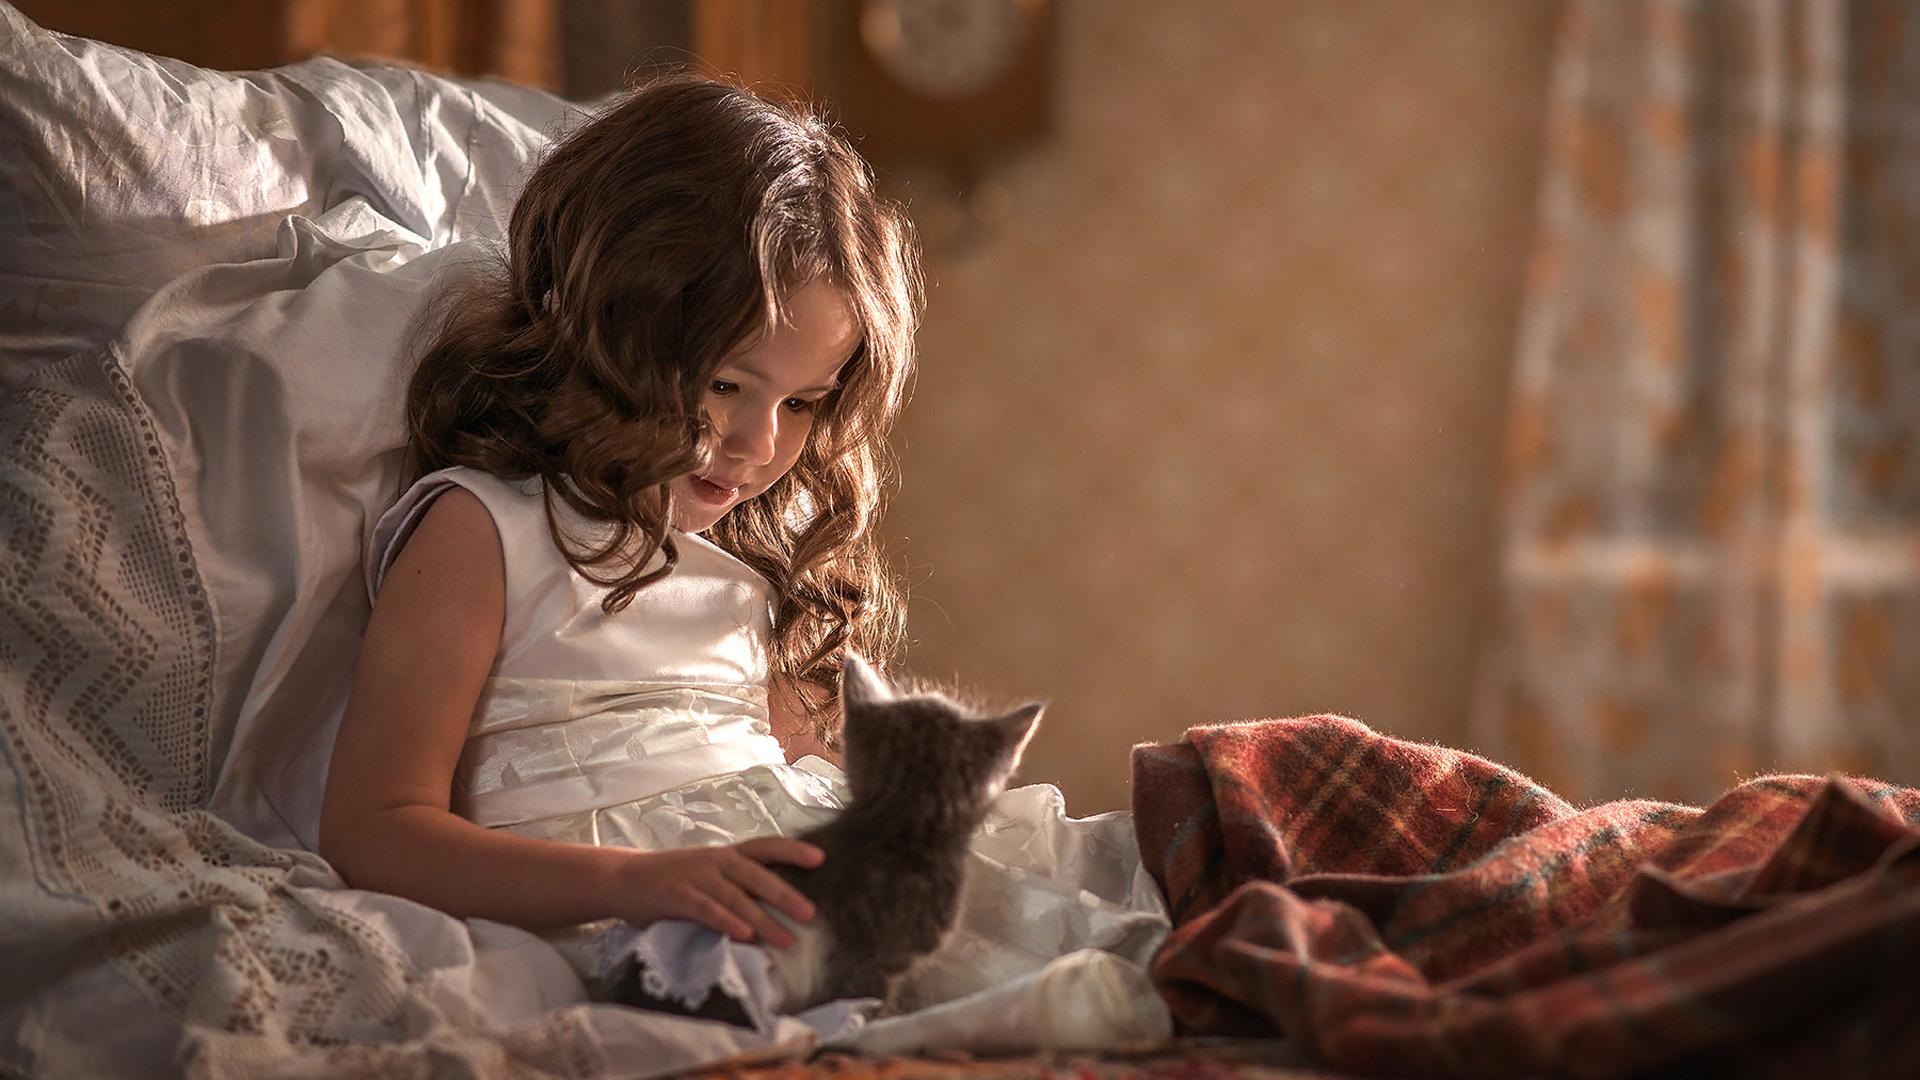 елена миронова, ребёнок, девочка, платье, локоны, кровать, подушка, плед, комната, животное, котёнок, детёныш